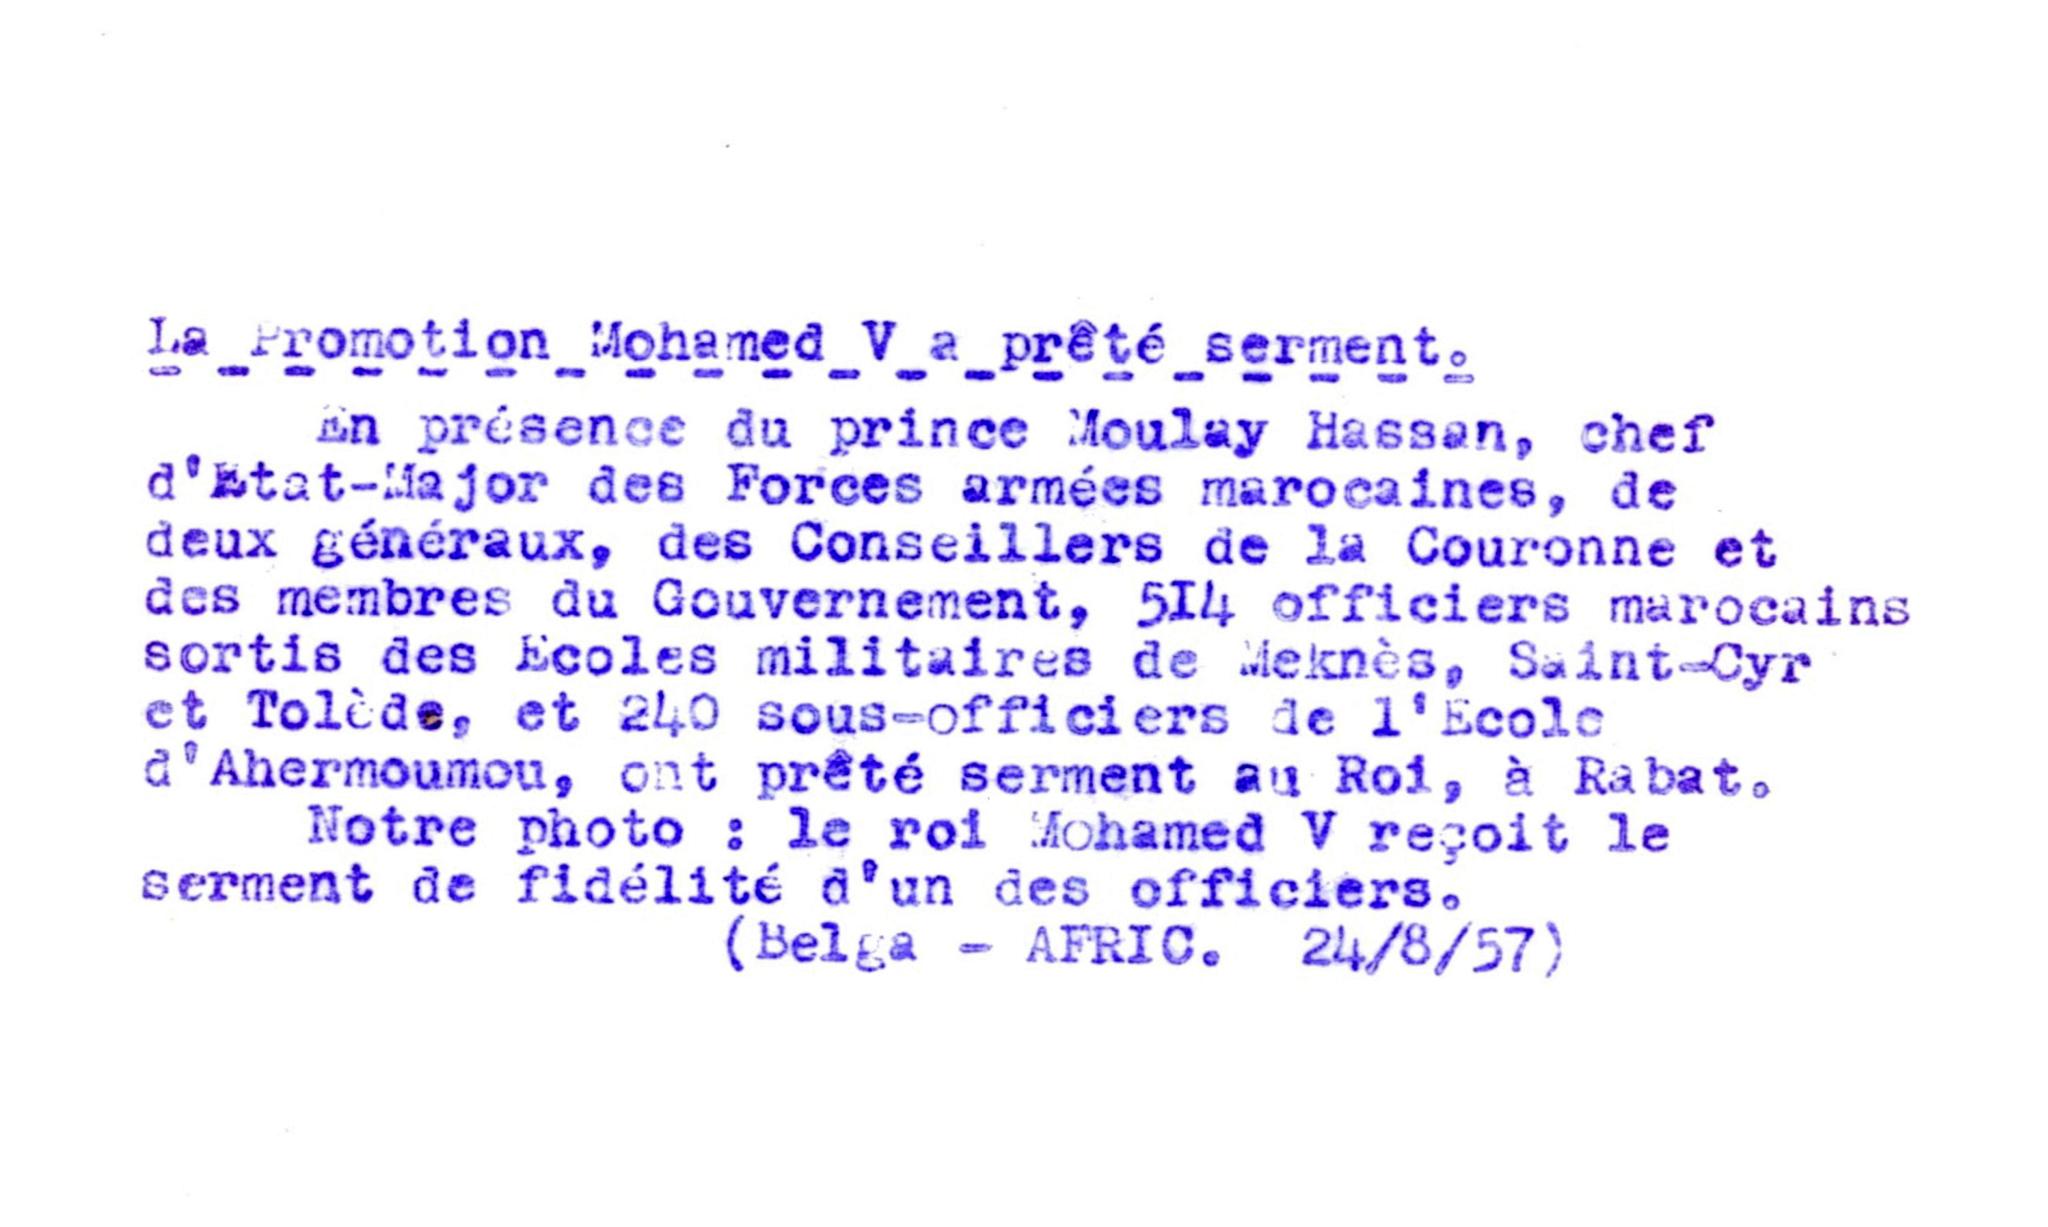 Les Officiers de la promotion Mohammed V - 1956/57 - Page 2 50161336357_054860d73c_o_d